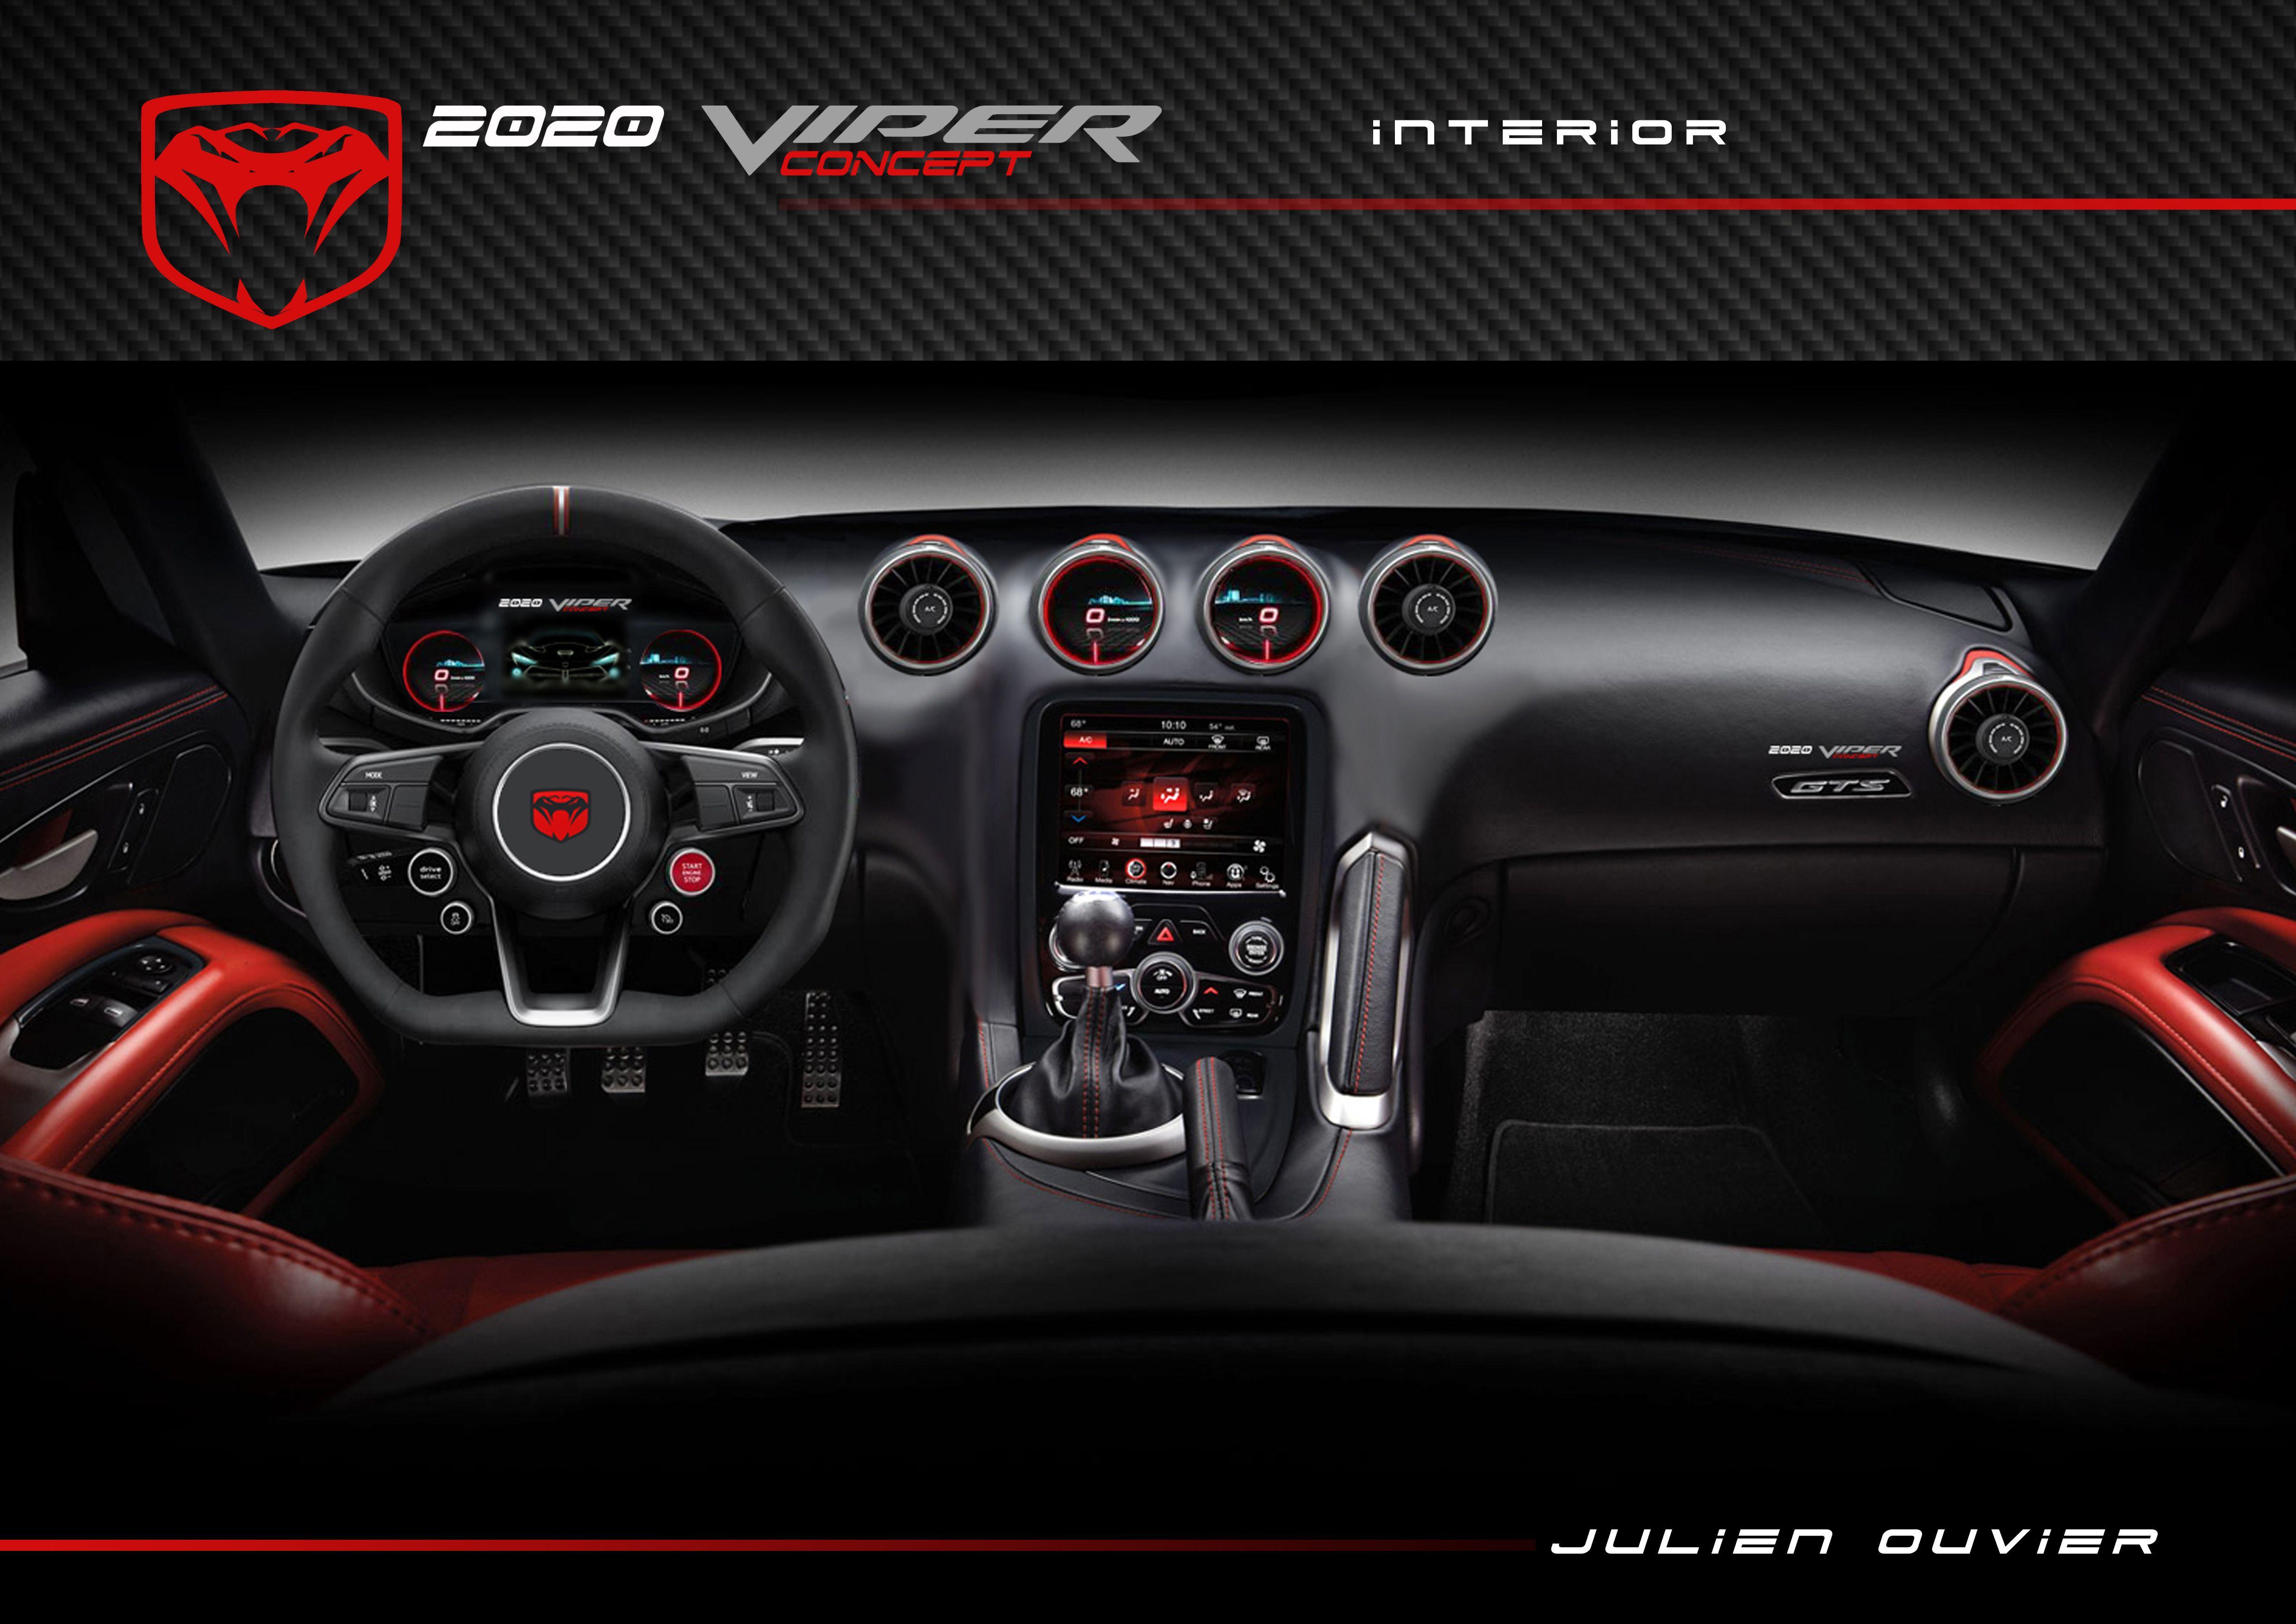 2020 Viper Concept Interior By Julien Ouvier Copyrights Julien Ouvier 1968 Dodge Charger Automotive Design Concept Design